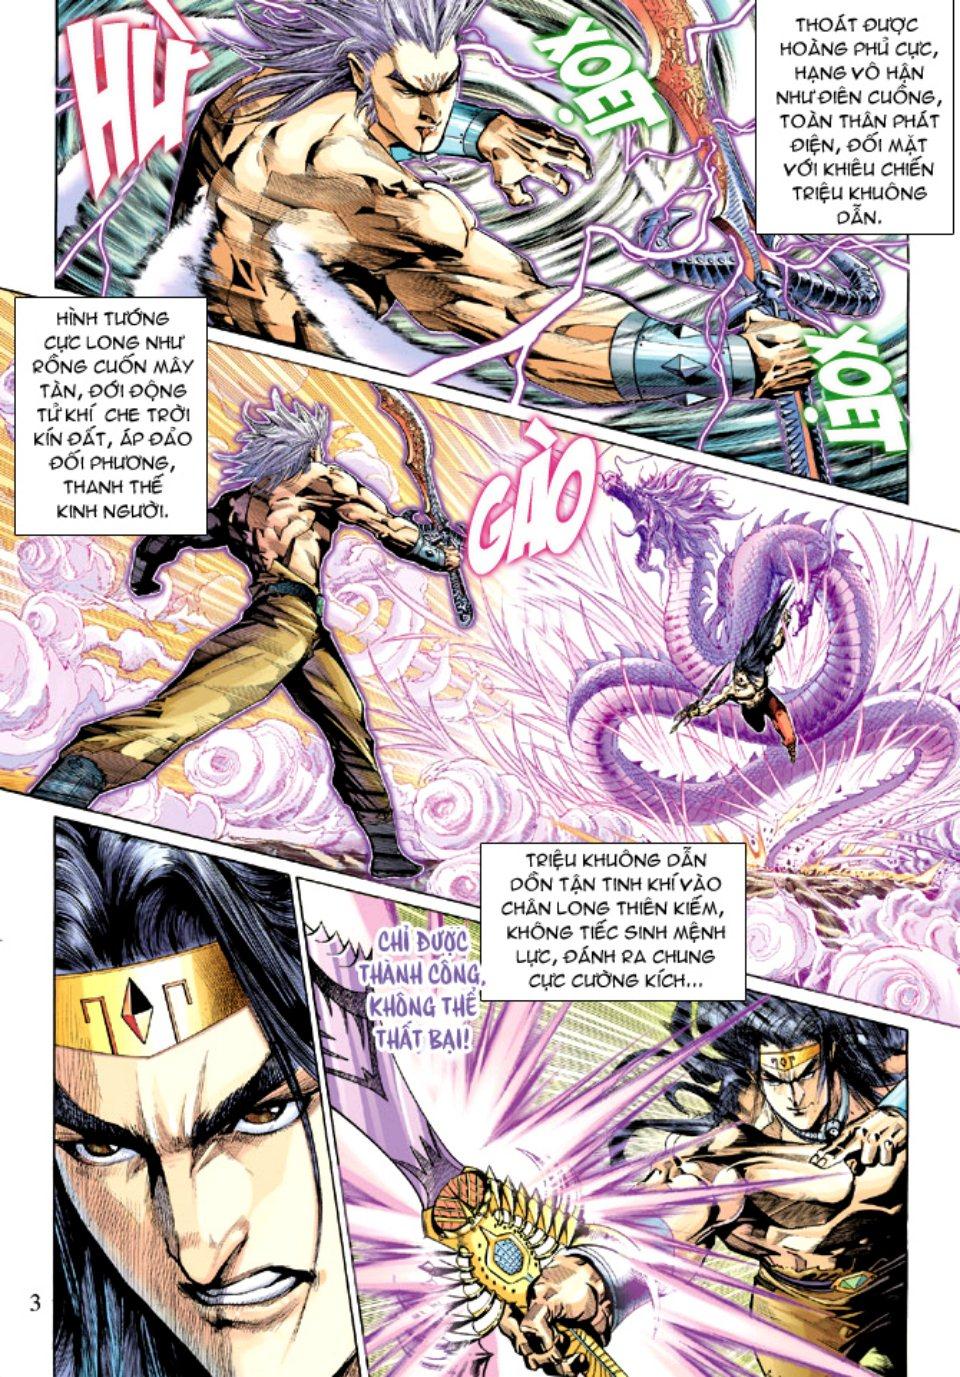 Thiên Tử Truyền Kỳ 5 – Như Lai Thần Chưởng chap 214 – End Trang 4 - Mangak.info